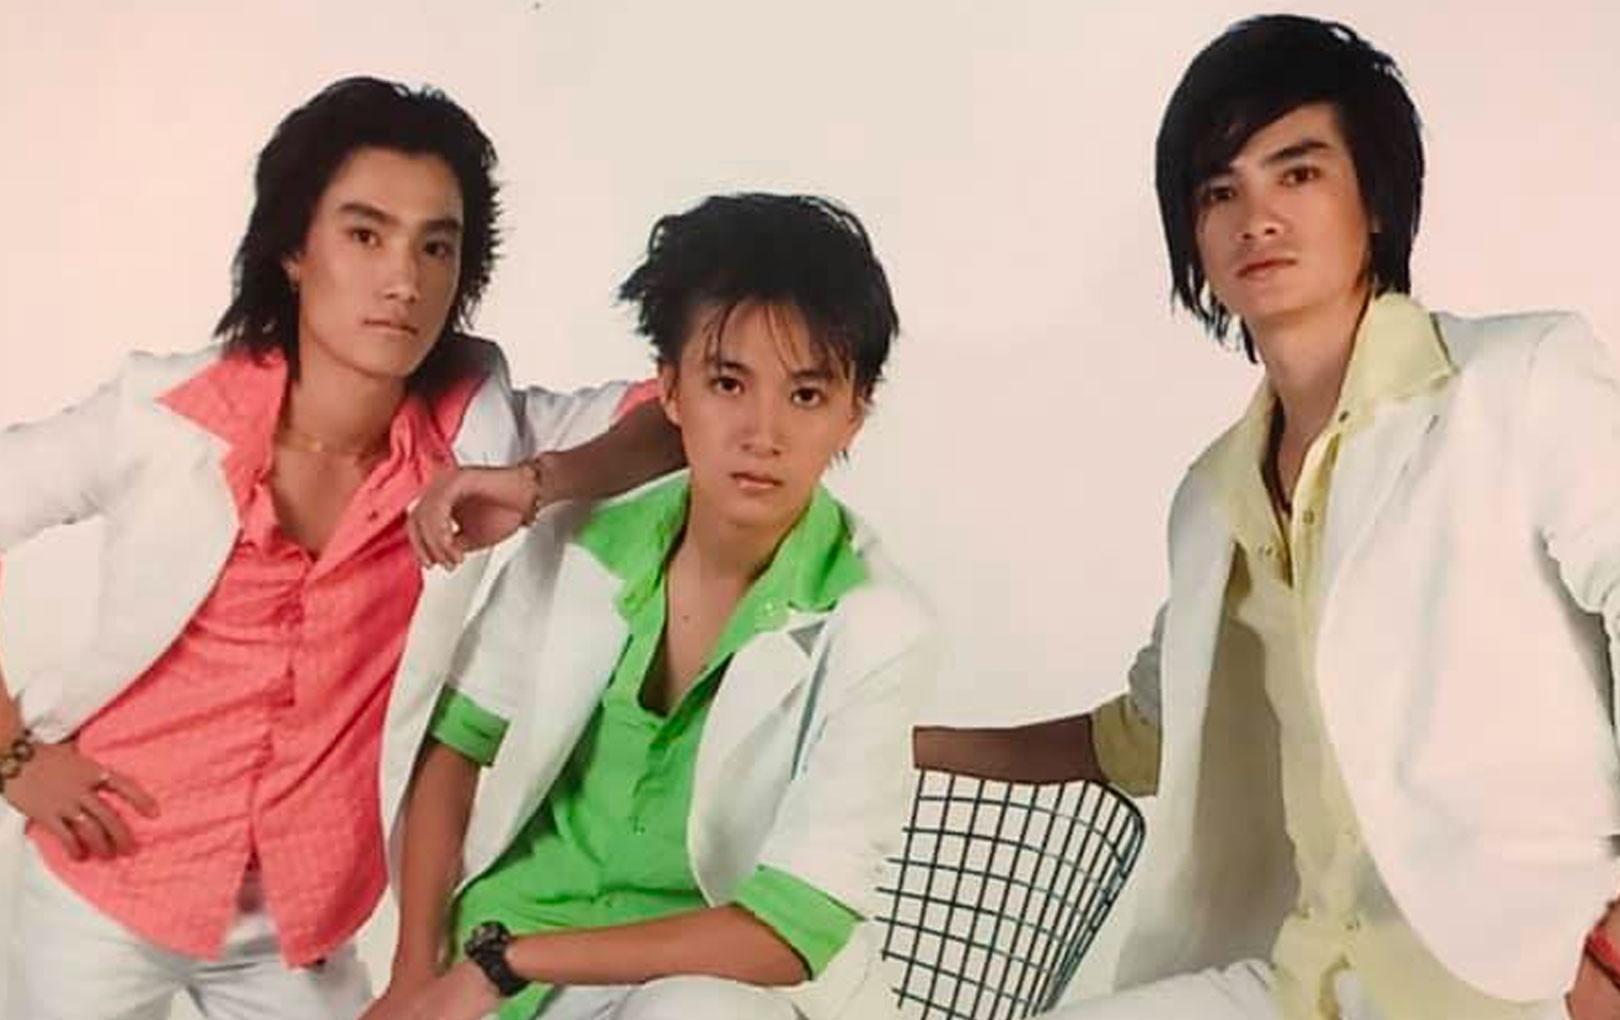 Từ hình thời 'ơ kìa' của Ngô Kiến Huy: Fan 'ngã ngửa' trước phong cách thời trang các nhóm nhạc đình đám cách đây 10 năm